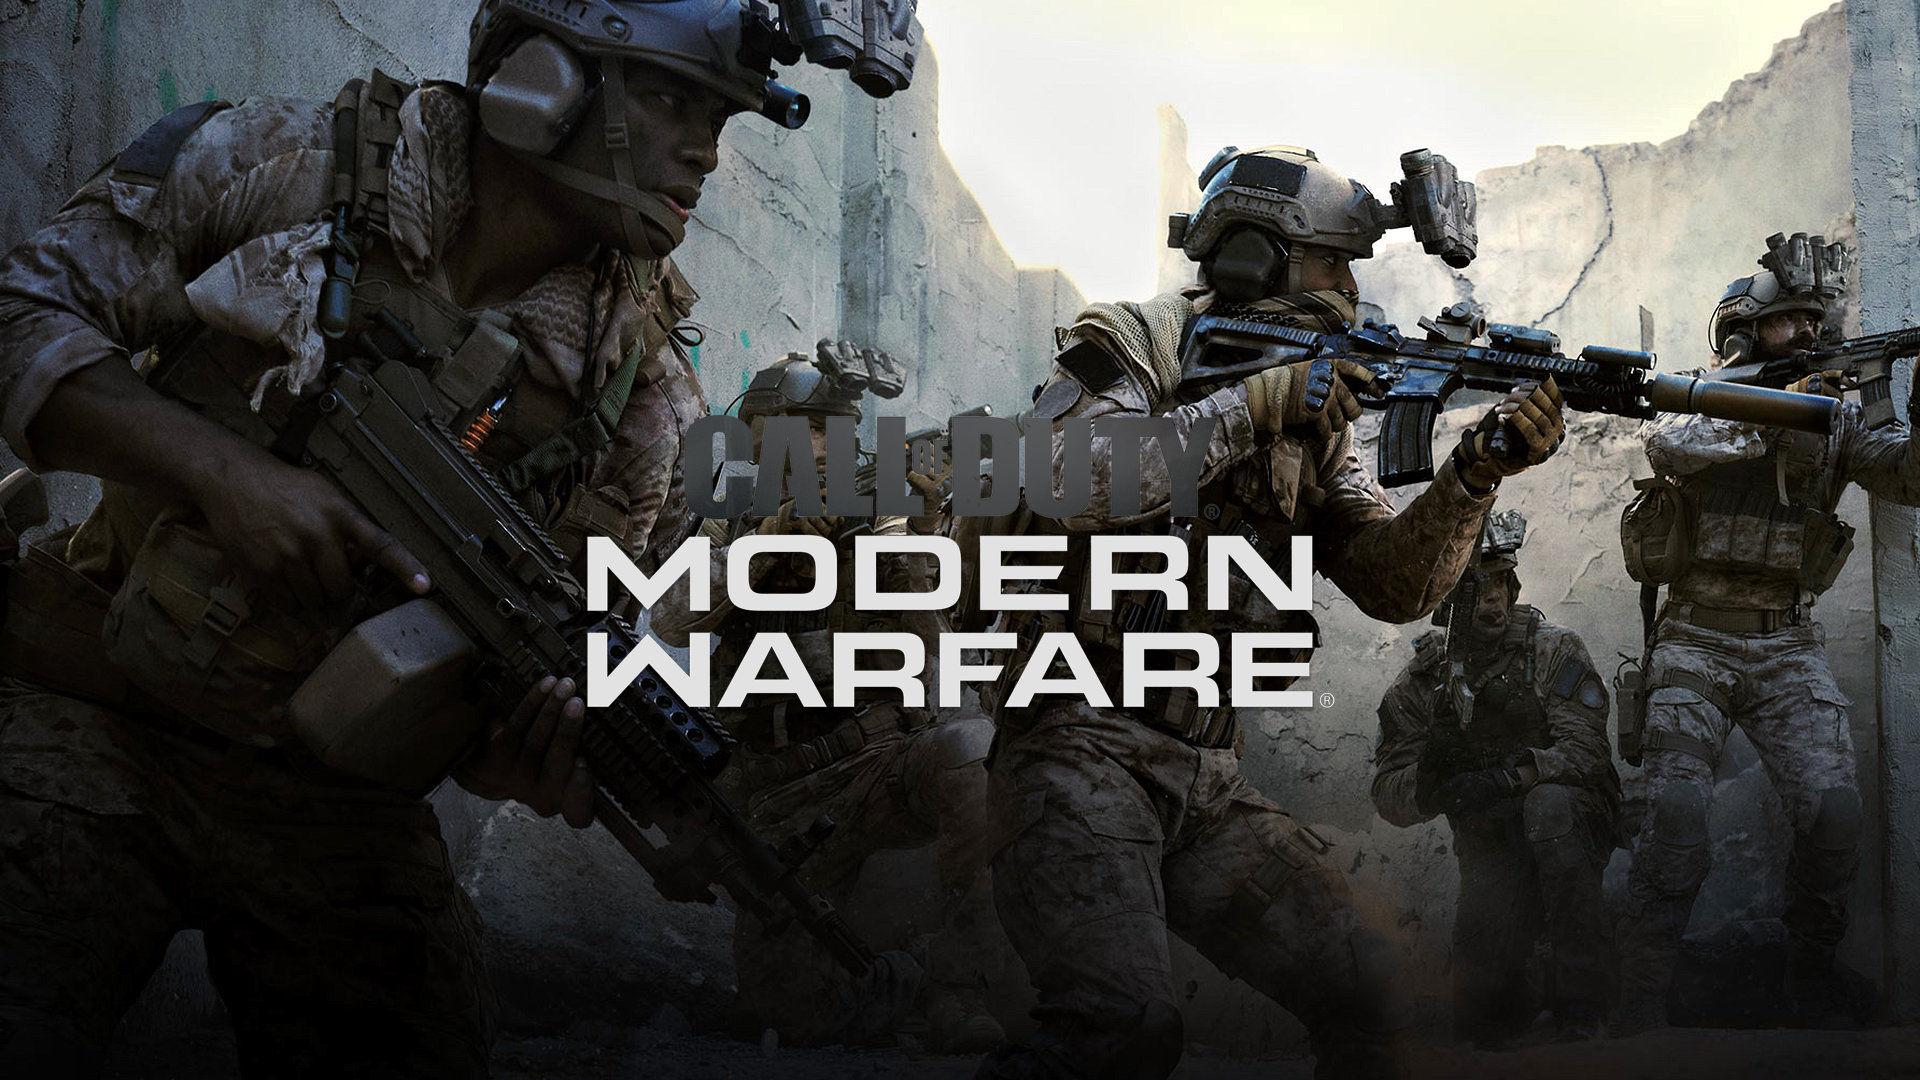 Call of Duty: Modern Warfare (2019) Minimum ve Önerilen Sistem Gereksinimleri